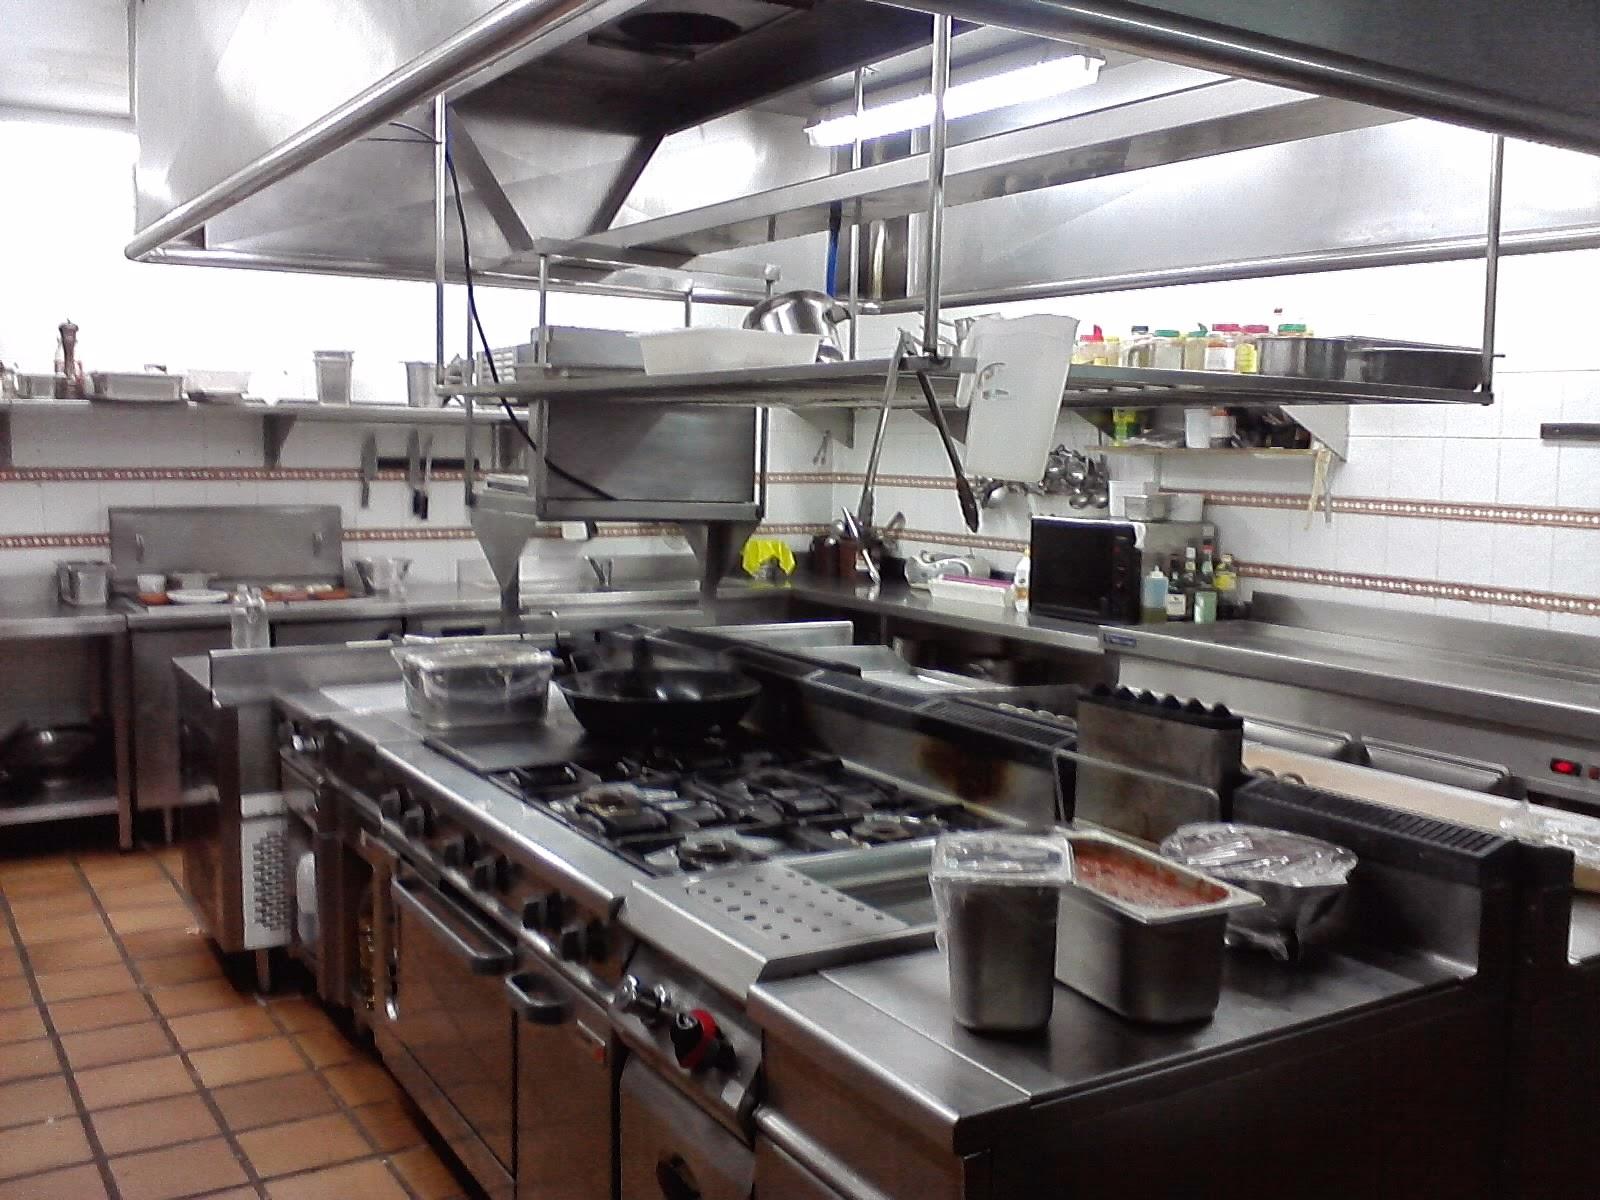 limpieza de campanas extractoras y cocinas industriales